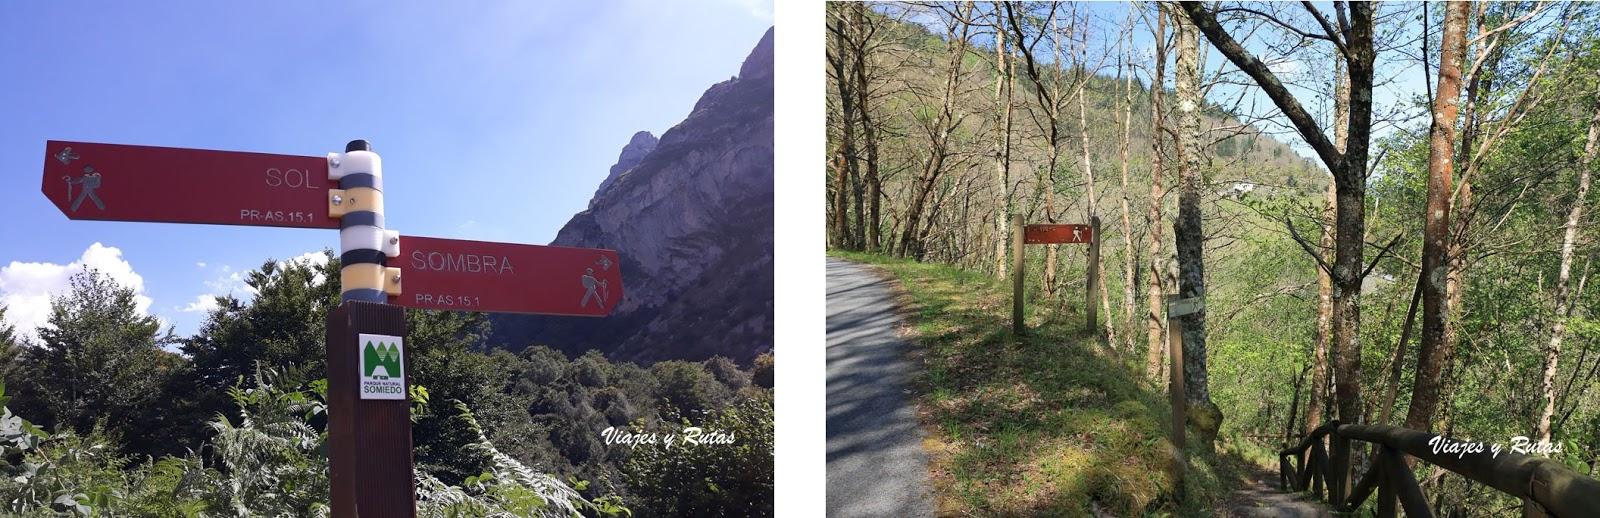 Carteles de señalización de rutas de senderismo